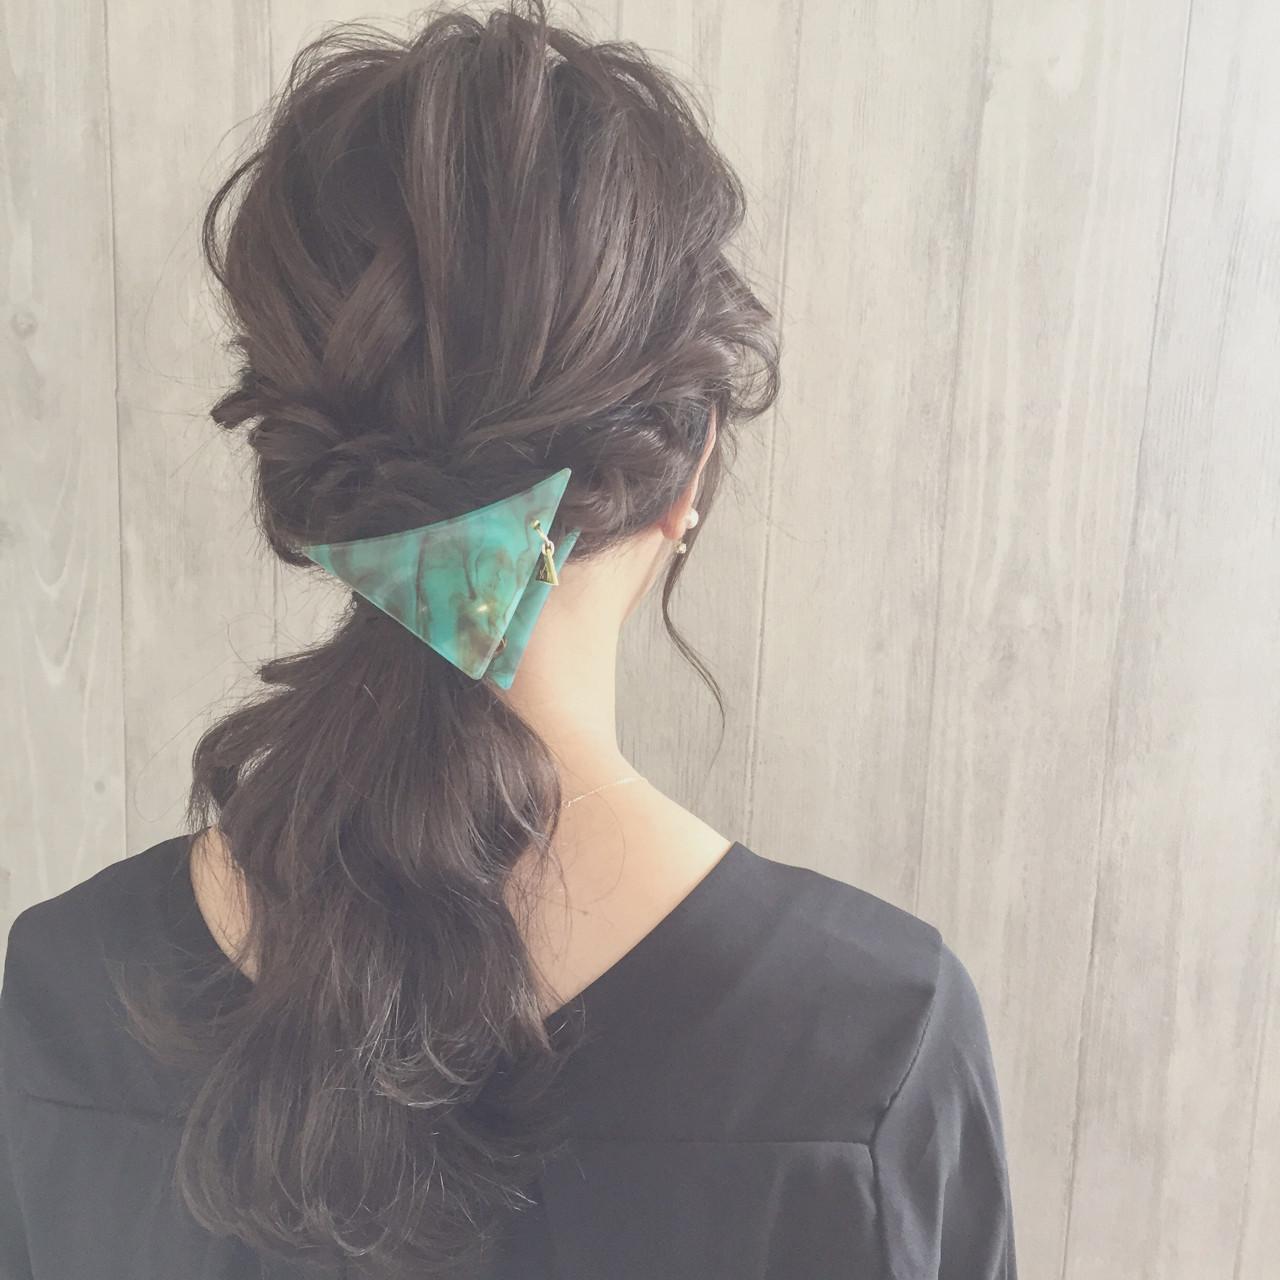 大人女子 ヘアアレンジ 三角クリップ ショート ヘアスタイルや髪型の写真・画像